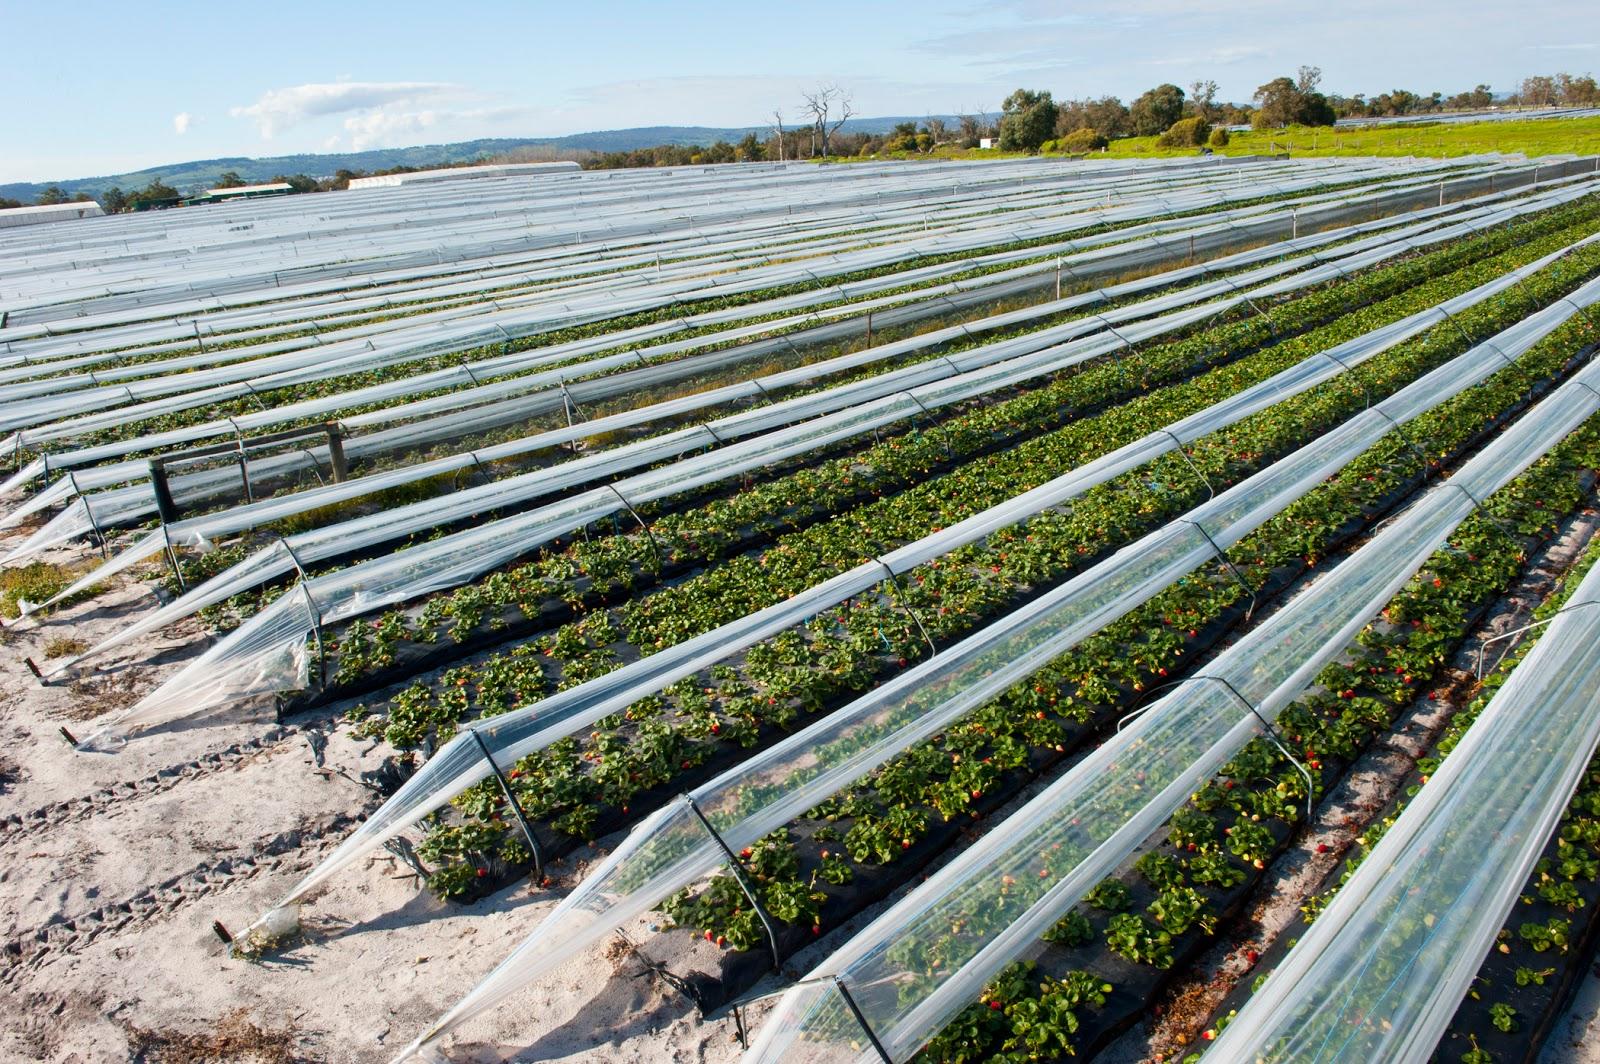 Выращивание клубники в промышленных масштабах как бизнес